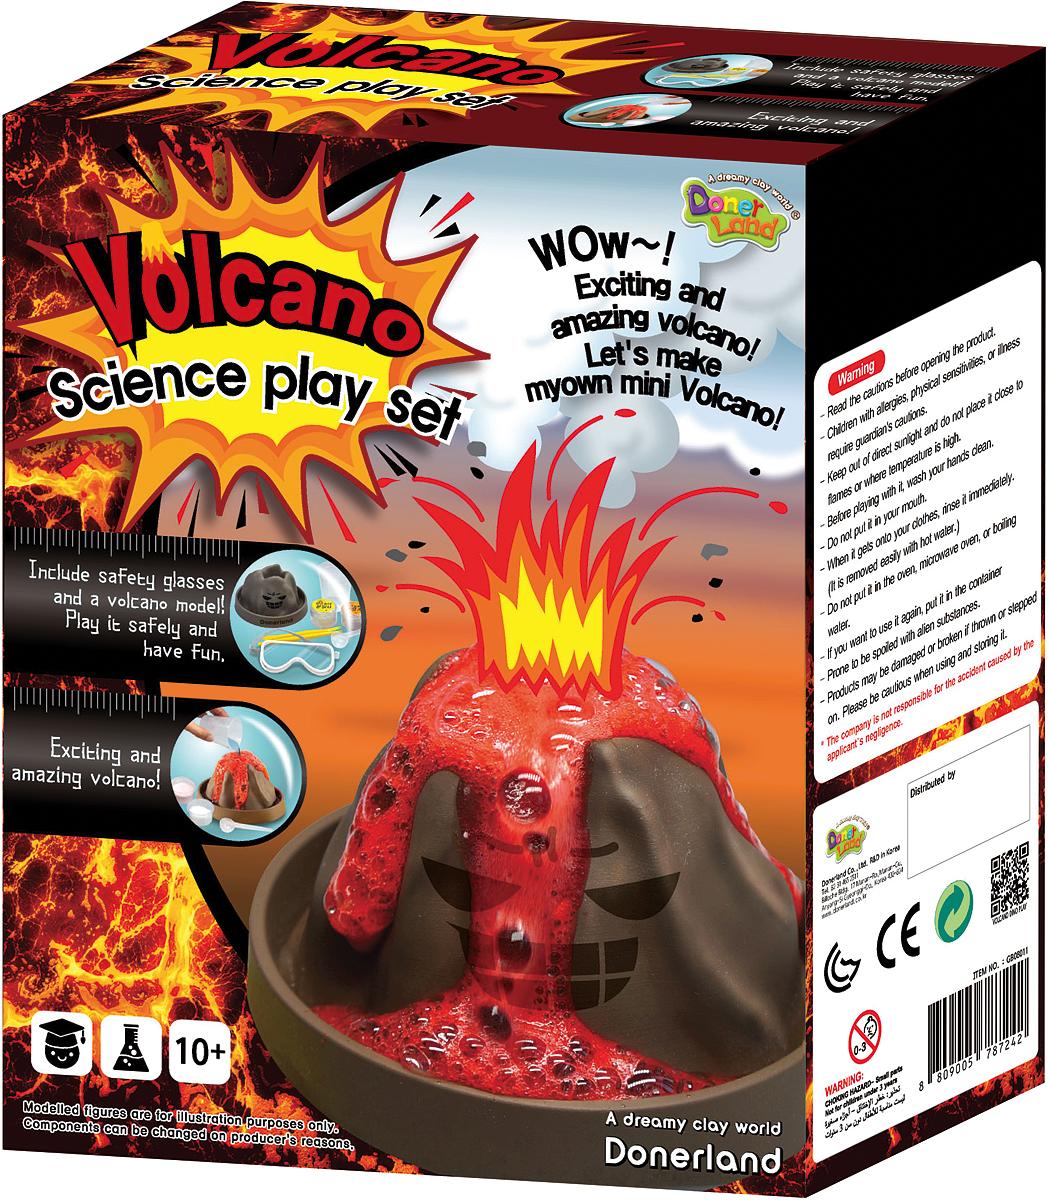 Donerland Набор для опытов и экспериментов Volcano Dino Play Volcano Sience Play Set